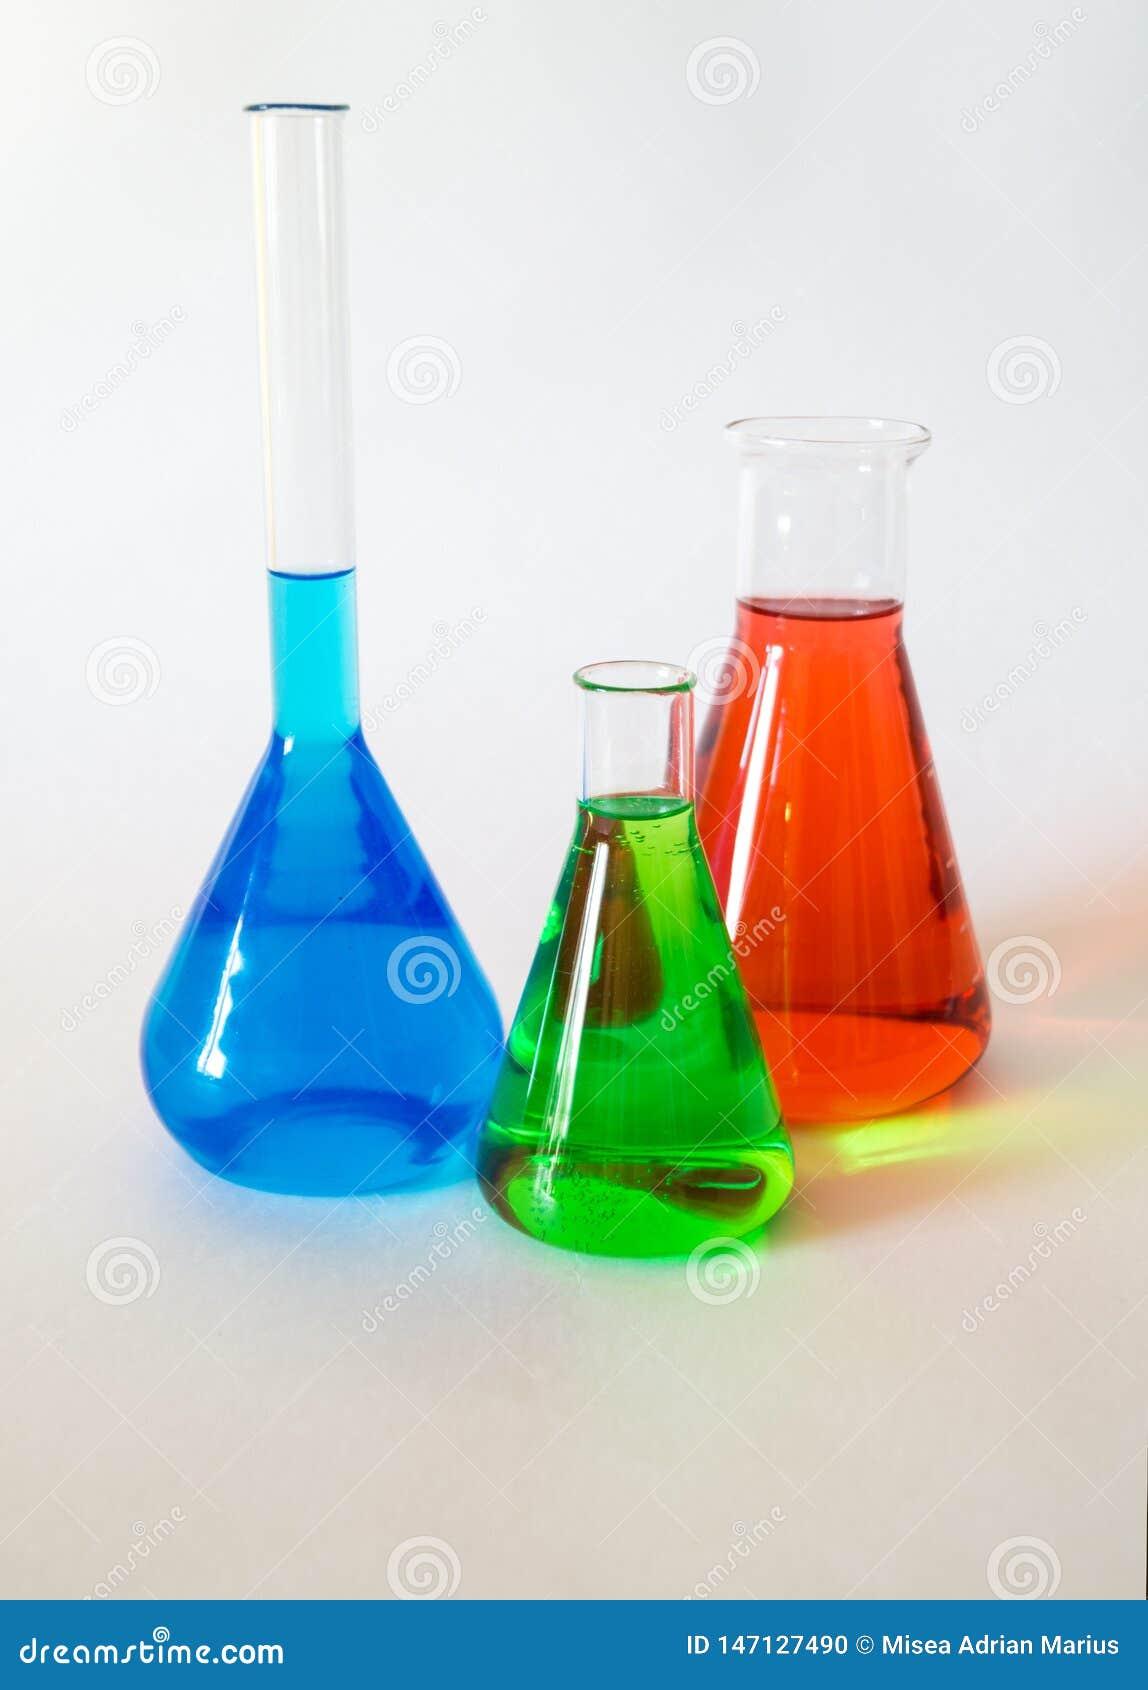 Tre exponeringsglasdryckeskärlar som fylls med färgad flytande